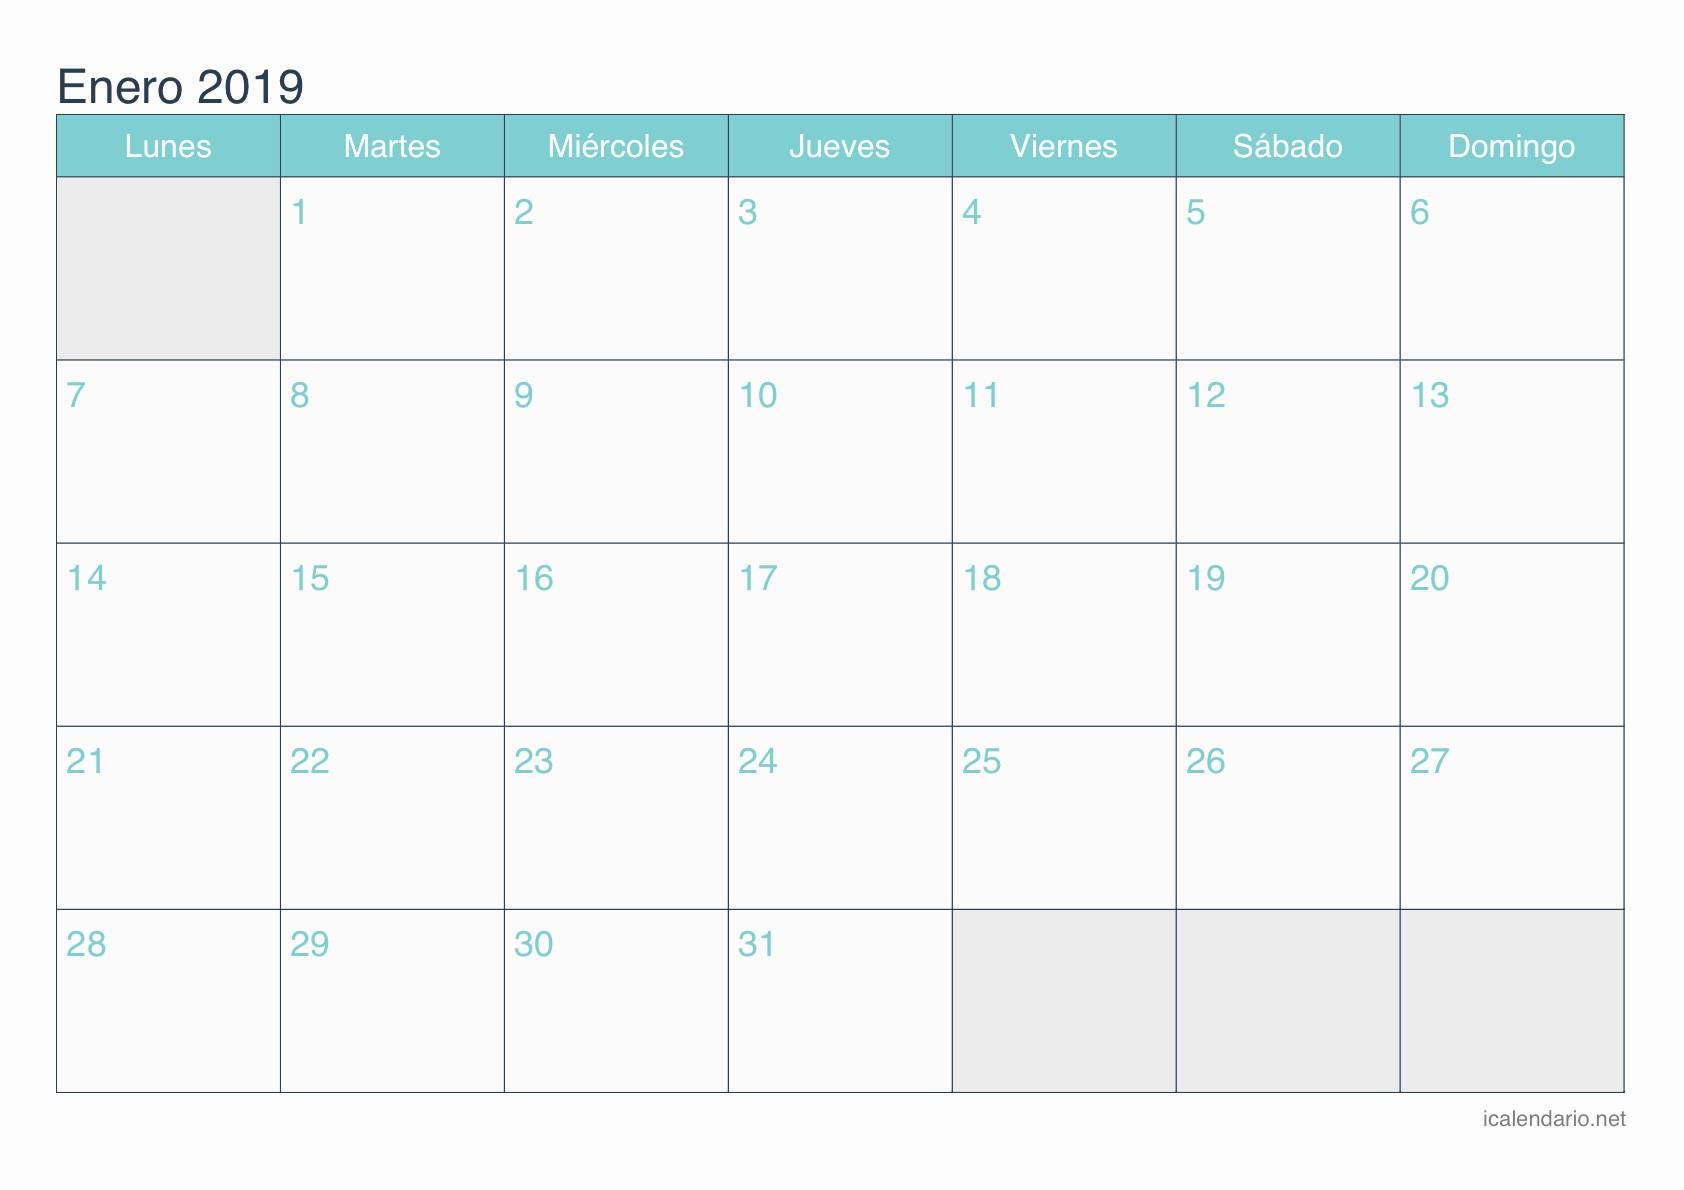 Calendario En Blanco 2019 Para Imprimir Pdf Más Actual šnico 42 Ilustraci³n Calendario Junio 2019 En Blanco Of Calendario En Blanco 2019 Para Imprimir Pdf Mejores Y Más Novedosos Sin Embargo Este Es Calendario Imprimir 2017 Pdf